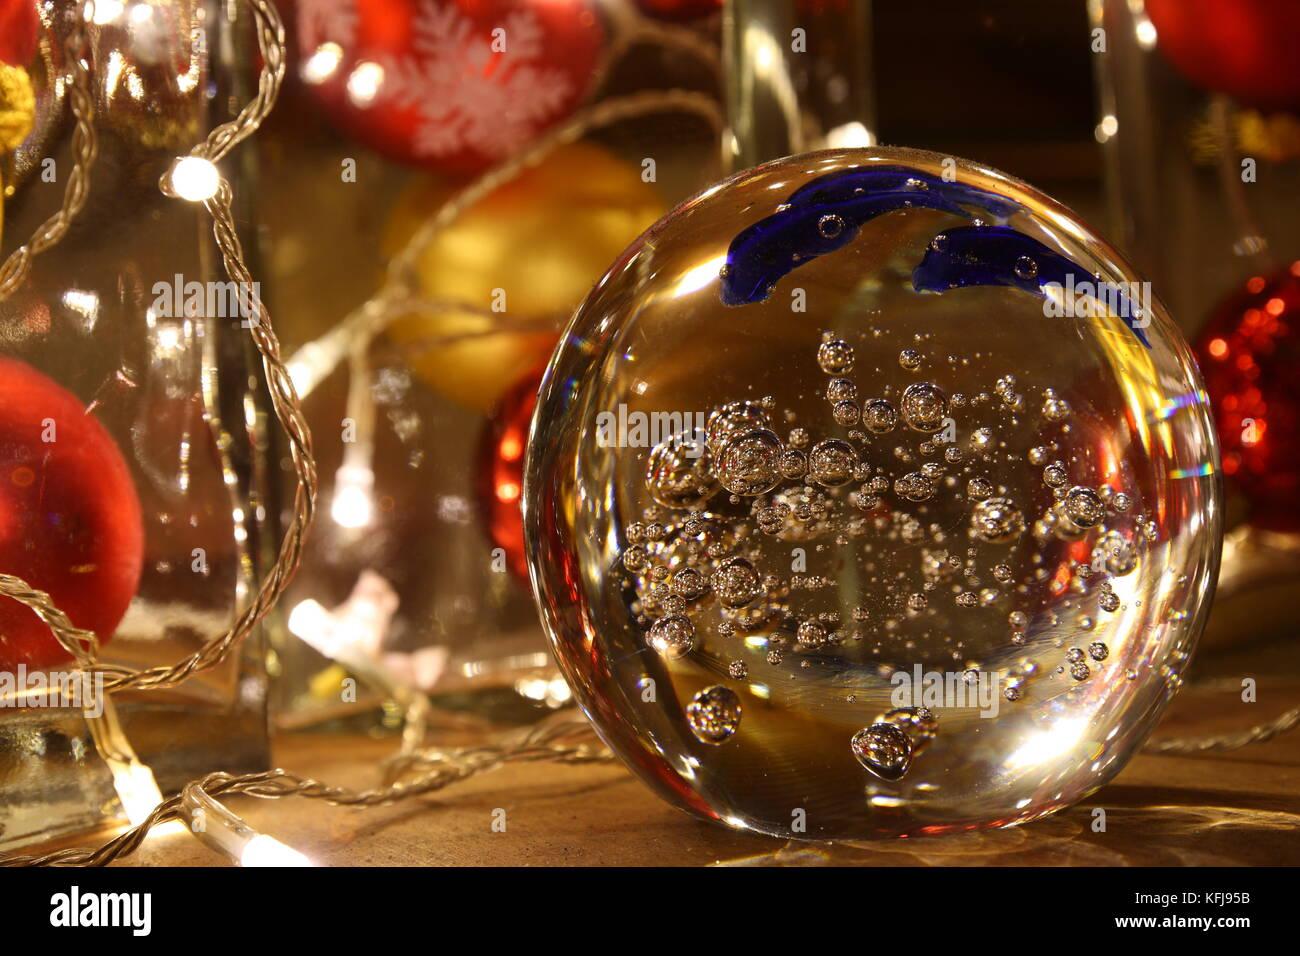 Lichterzauber mit Glas und Lichterketten, Licht - Stock Image